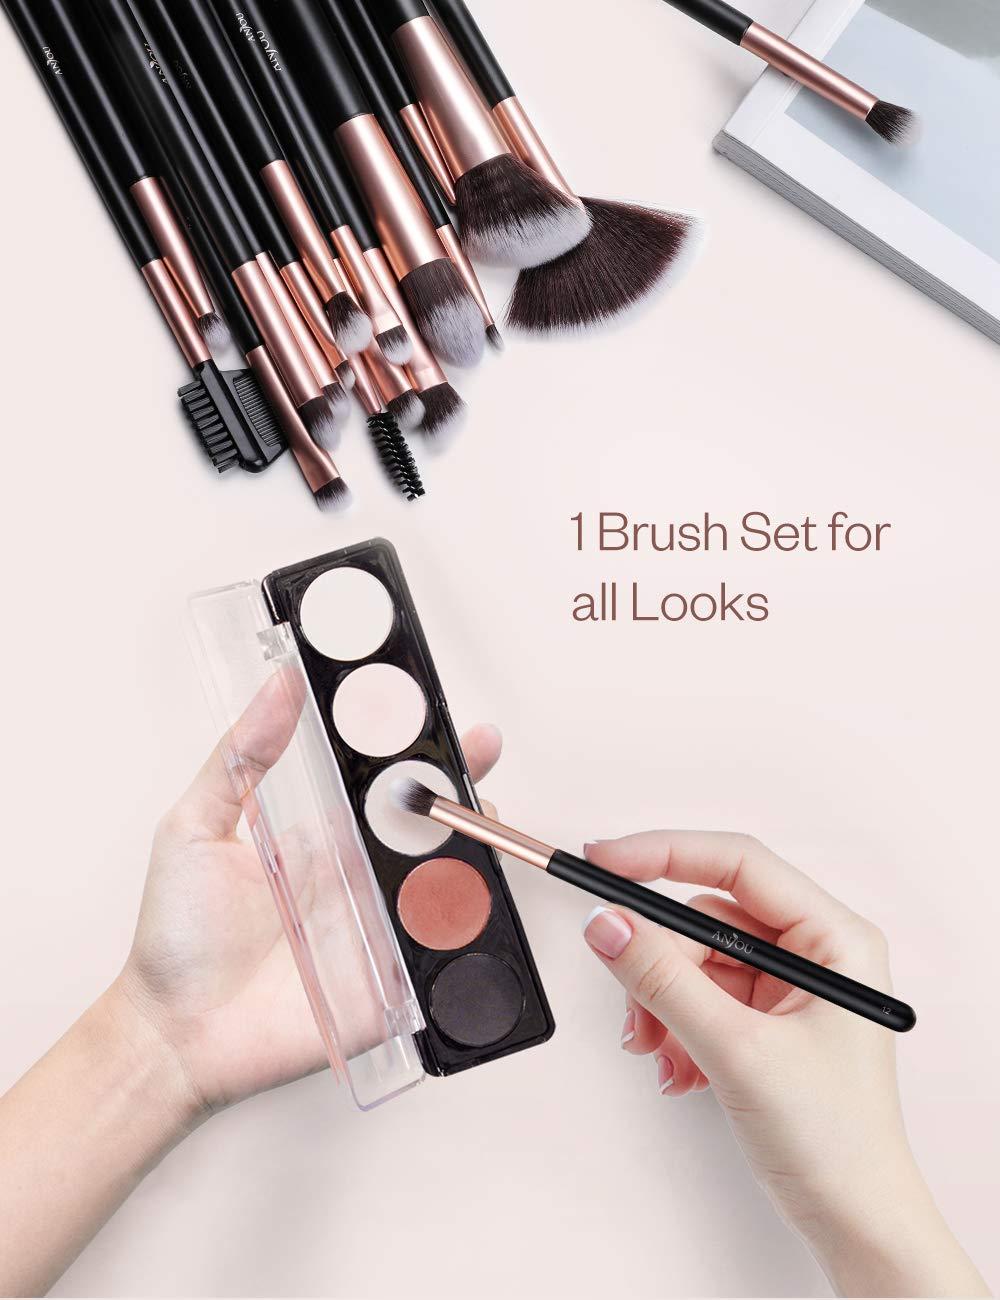 Anjou Brochas Maquillaje Comésticos 20 Piezas, Set Brochas Maquillaje para Ojos, cejas, base de maquillaje, polvos, crema